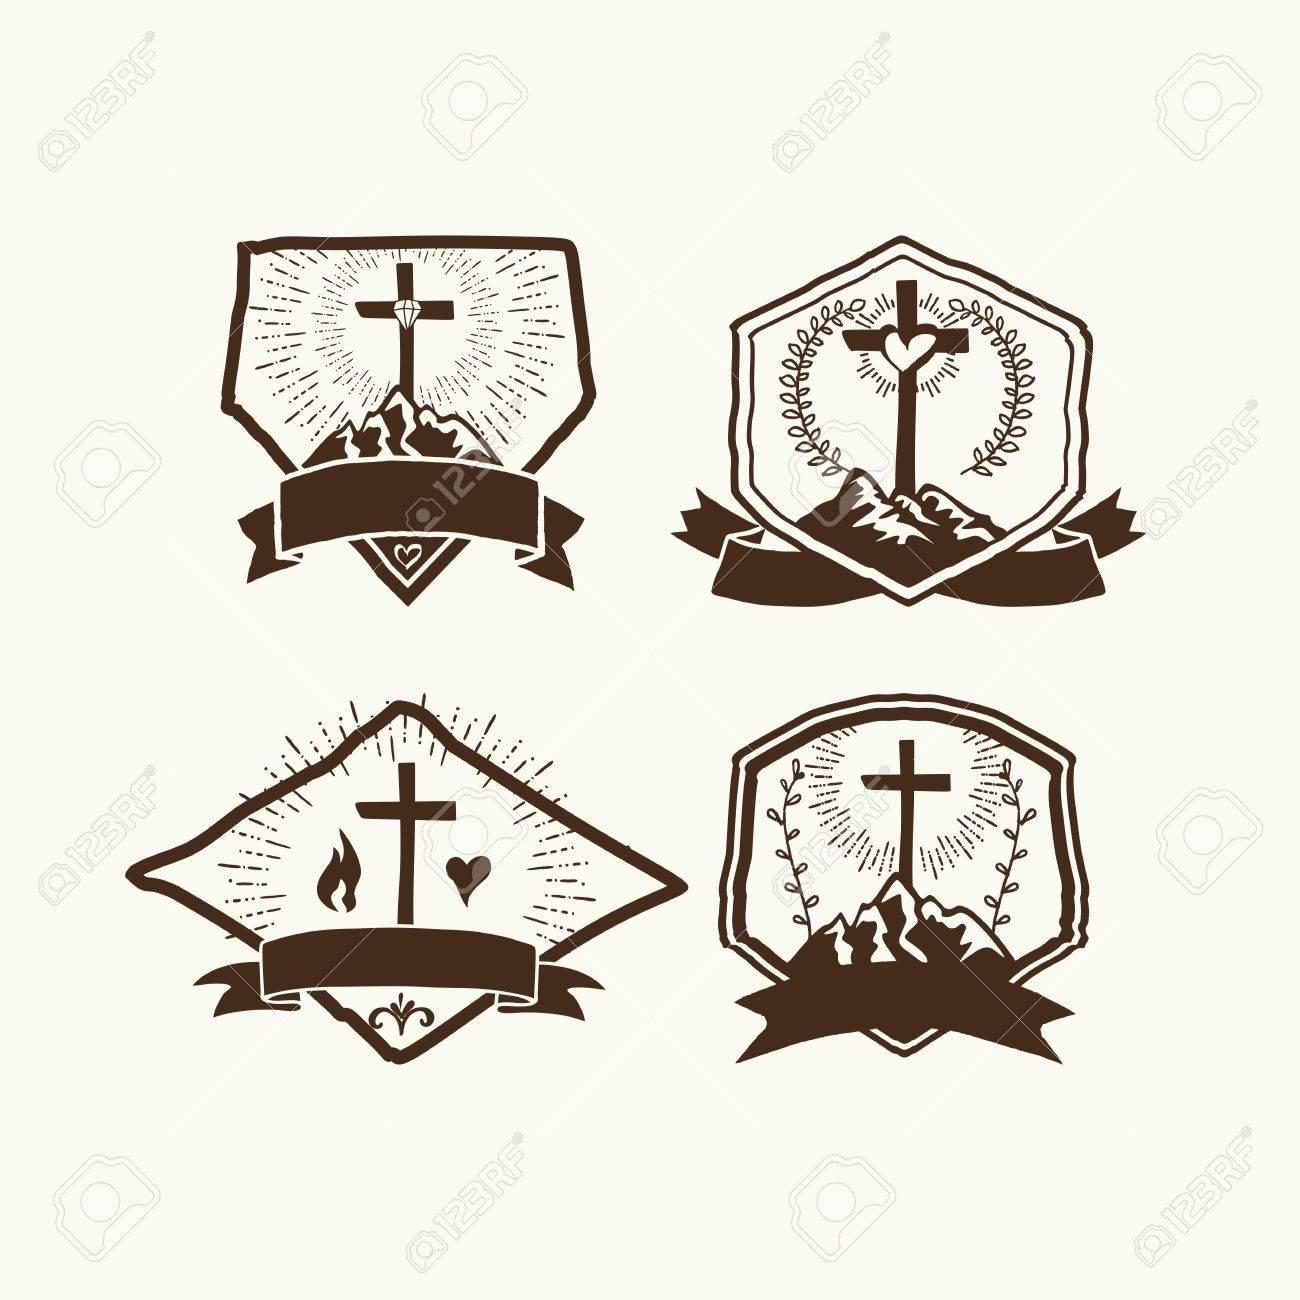 christian logos set church logo royalty free cliparts vectors